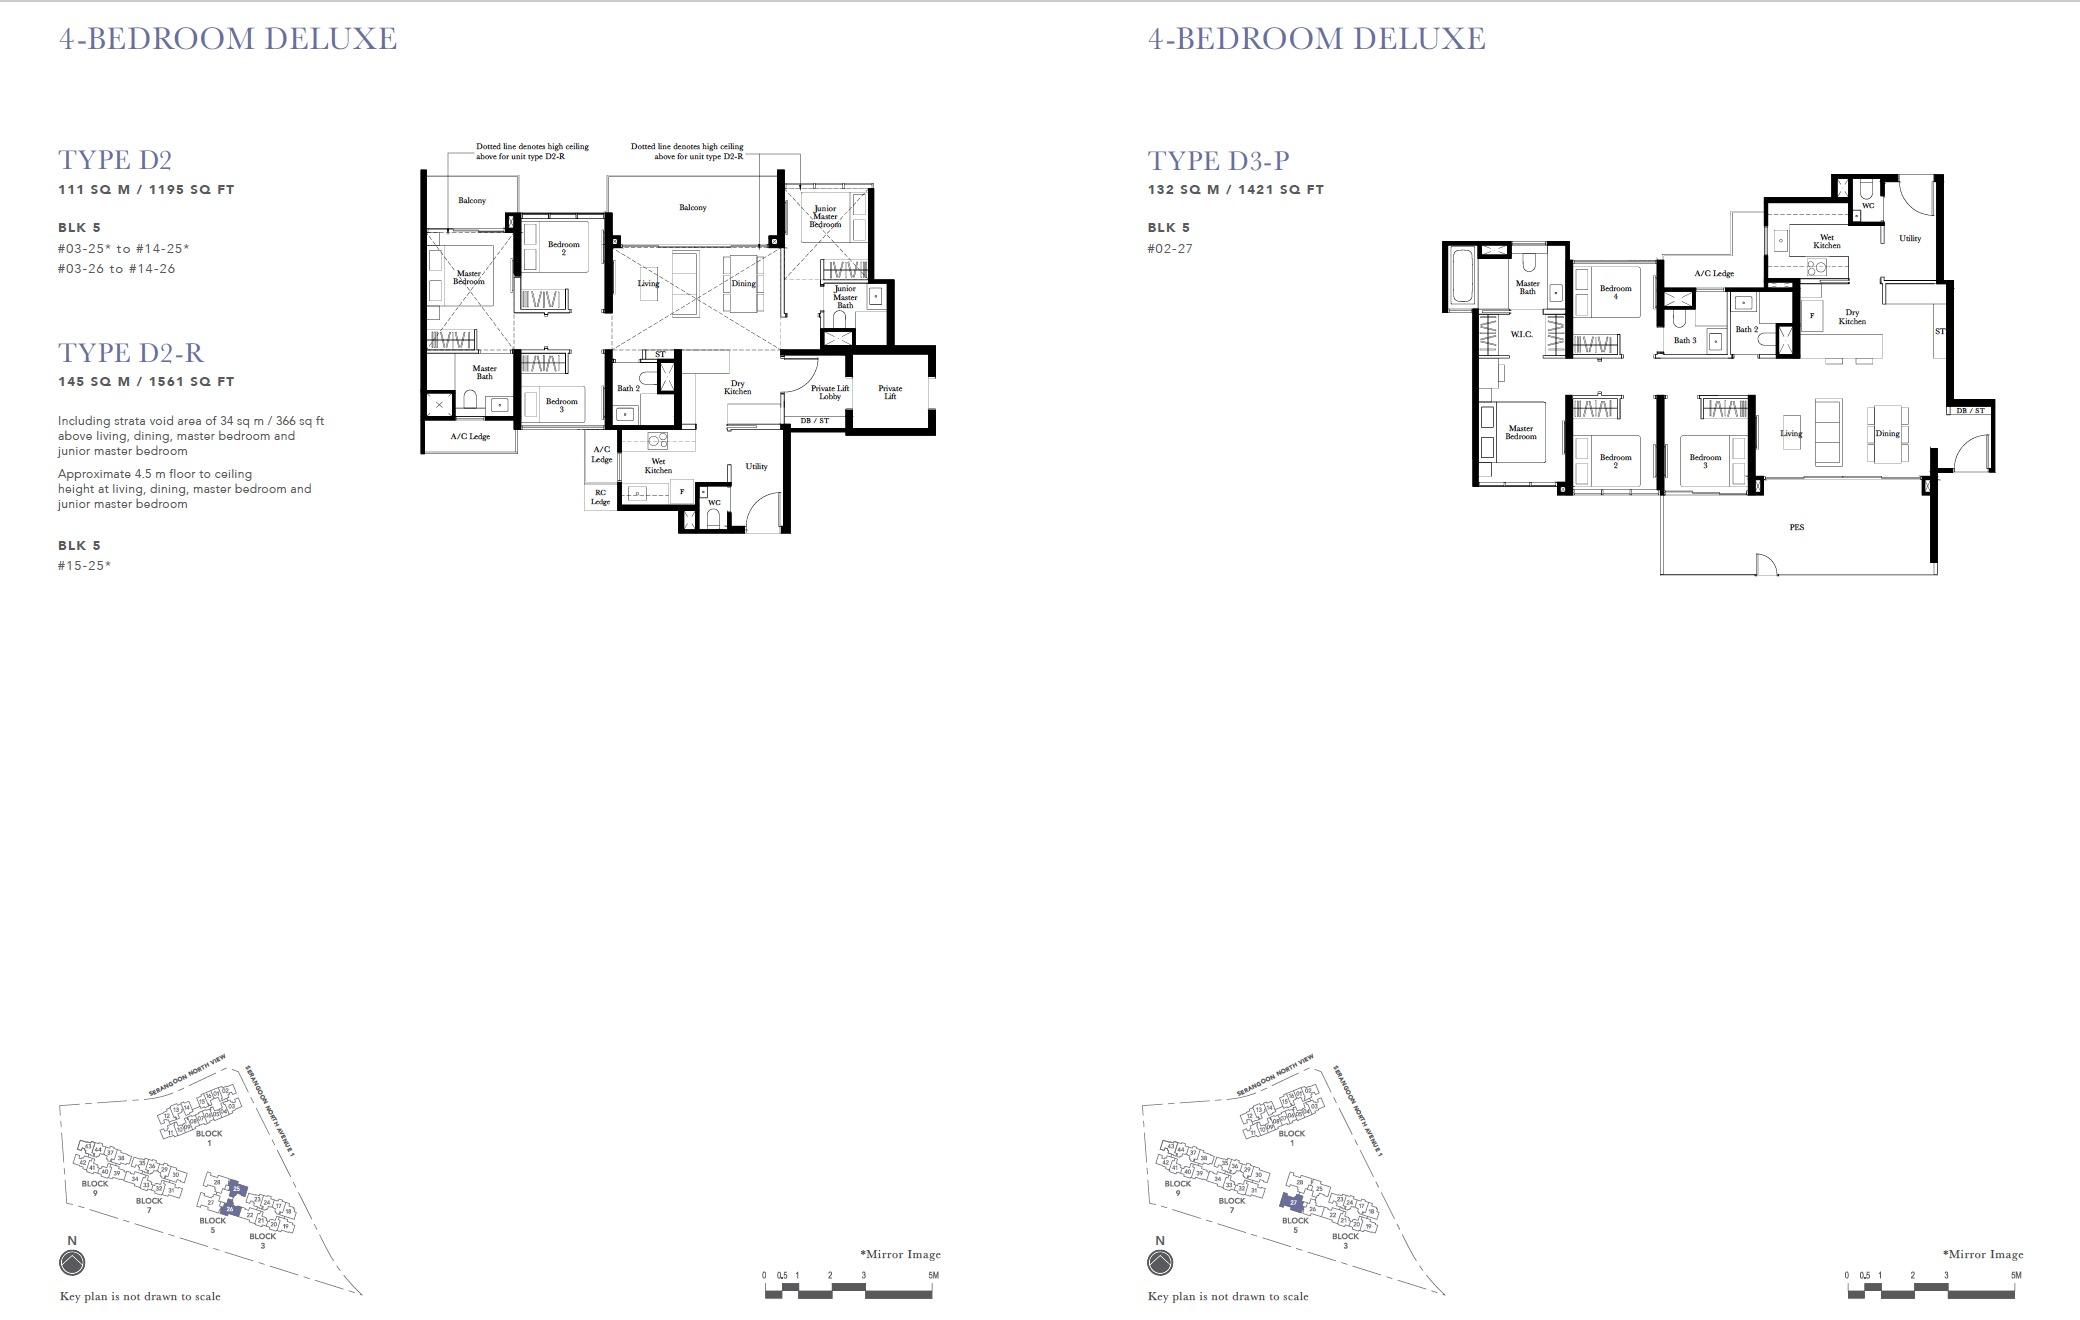 4BR deluxe-the-garden-residences-floor-plan